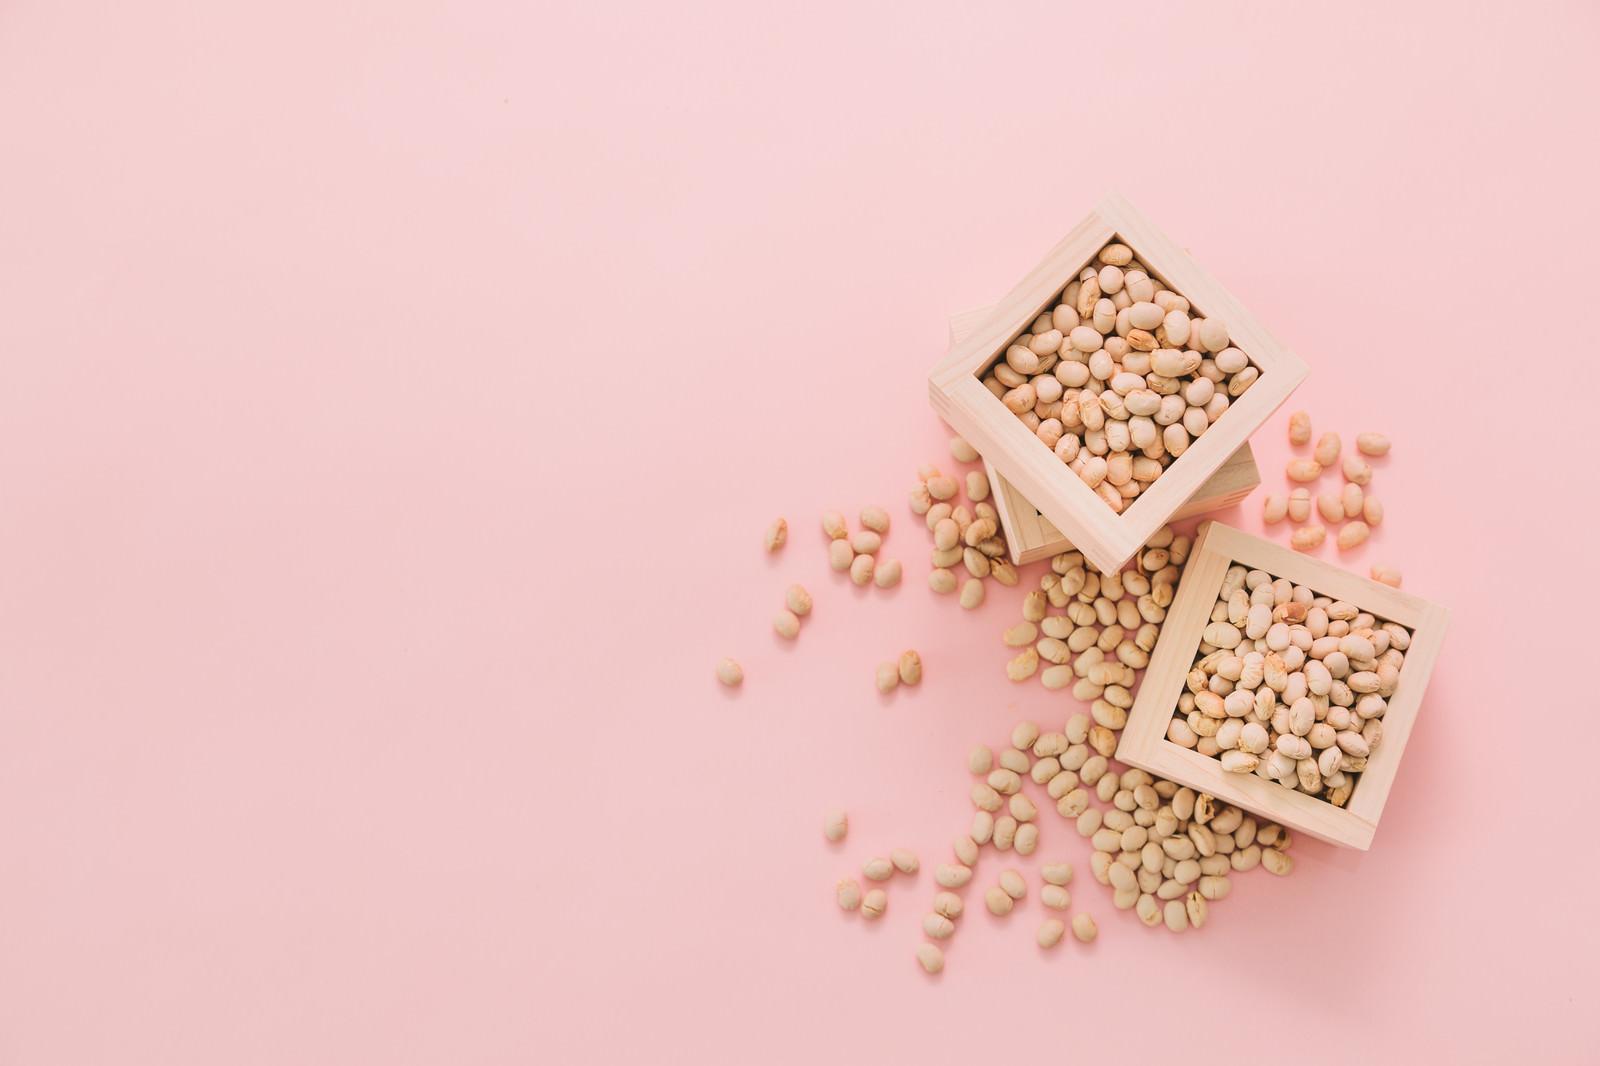 「節分用の豆」の写真